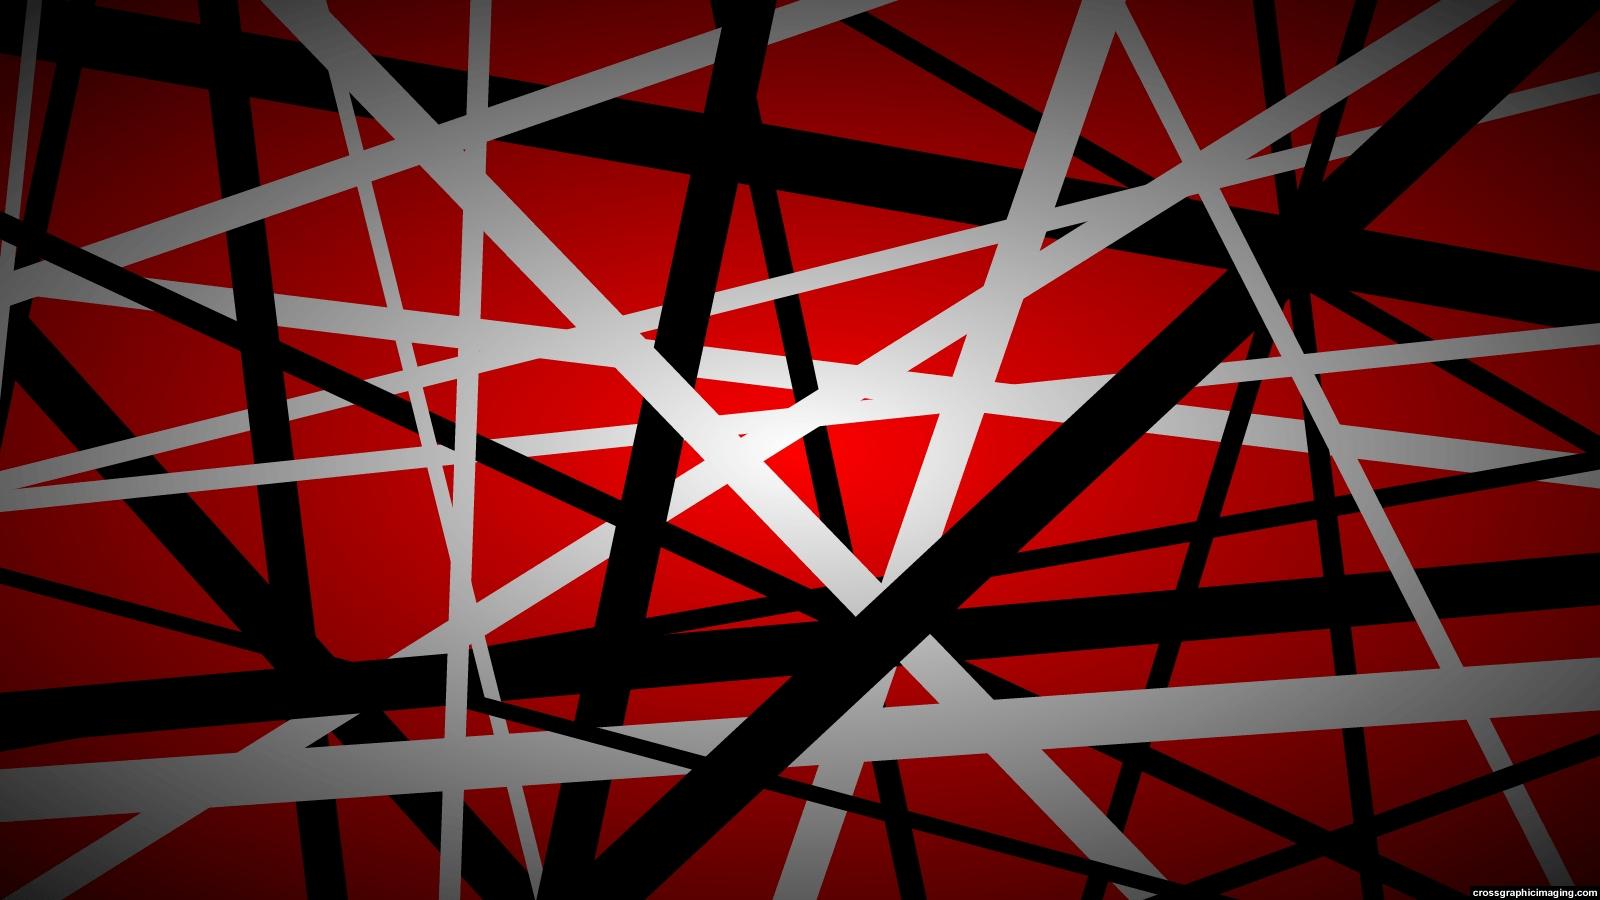 van halen desktop wallpapers - wallpaper cave